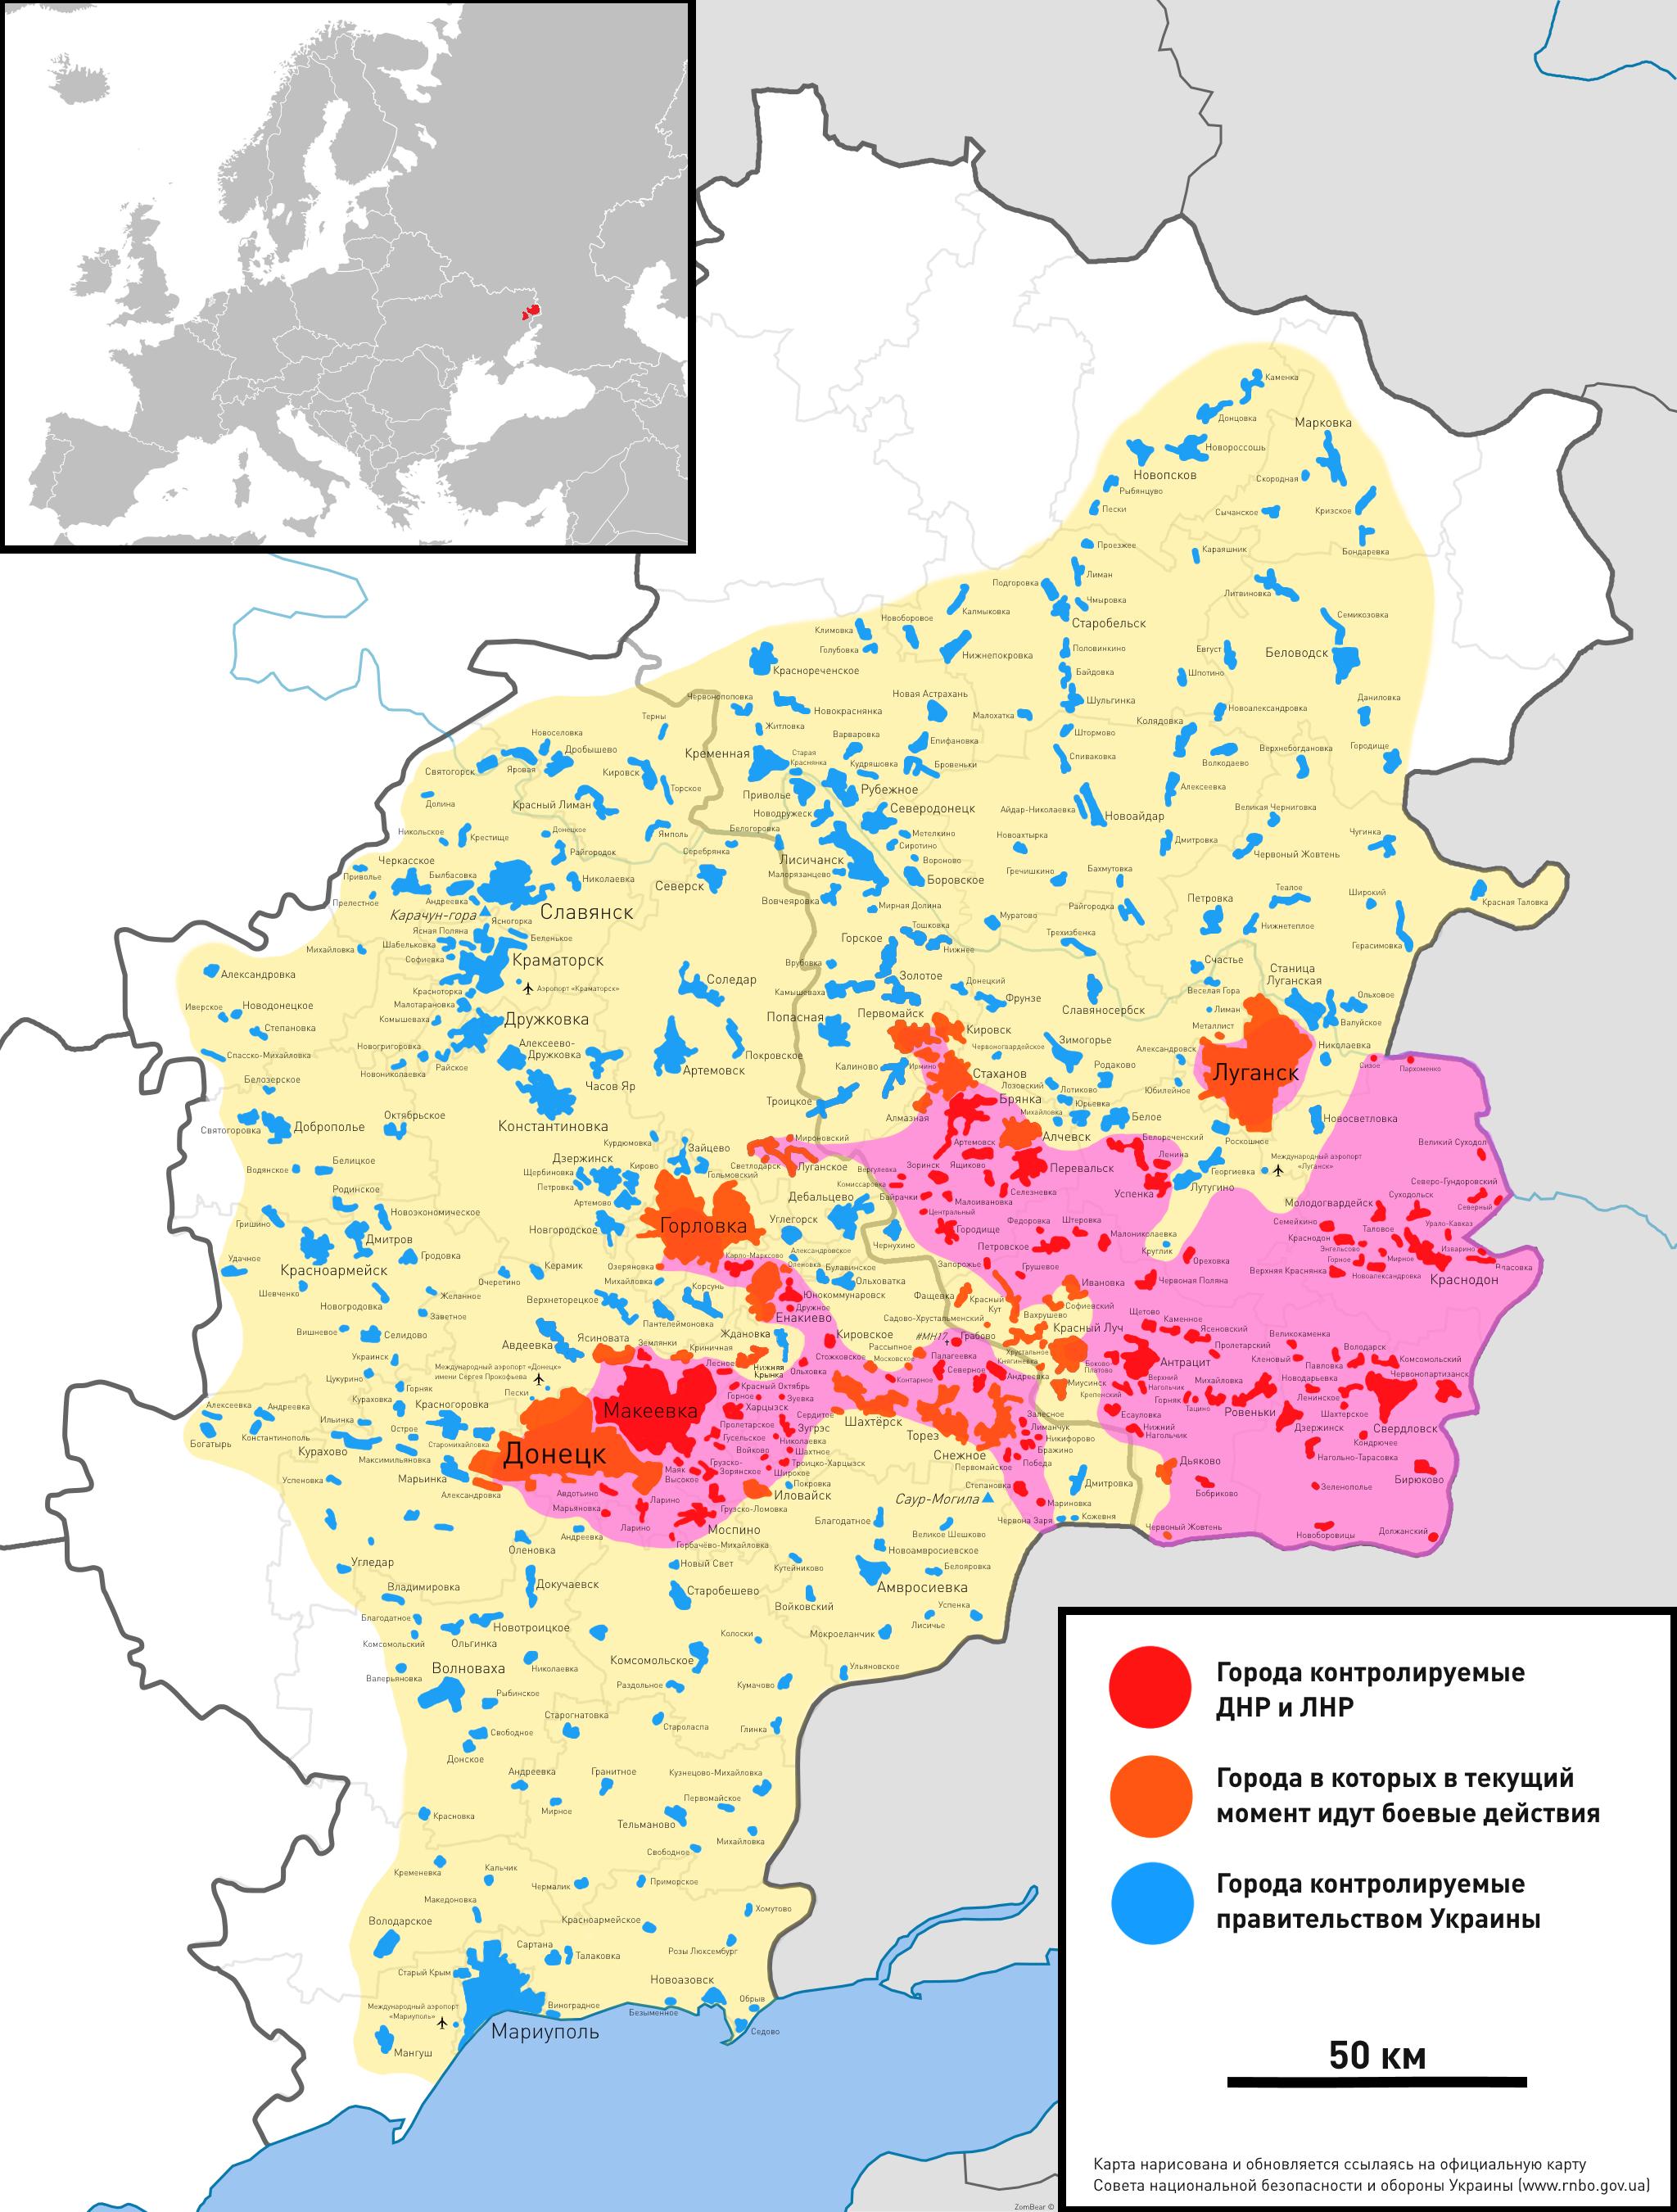 В Горловке похищен координатор эвакуации мирных жителей из города,- активисты - Цензор.НЕТ 4701